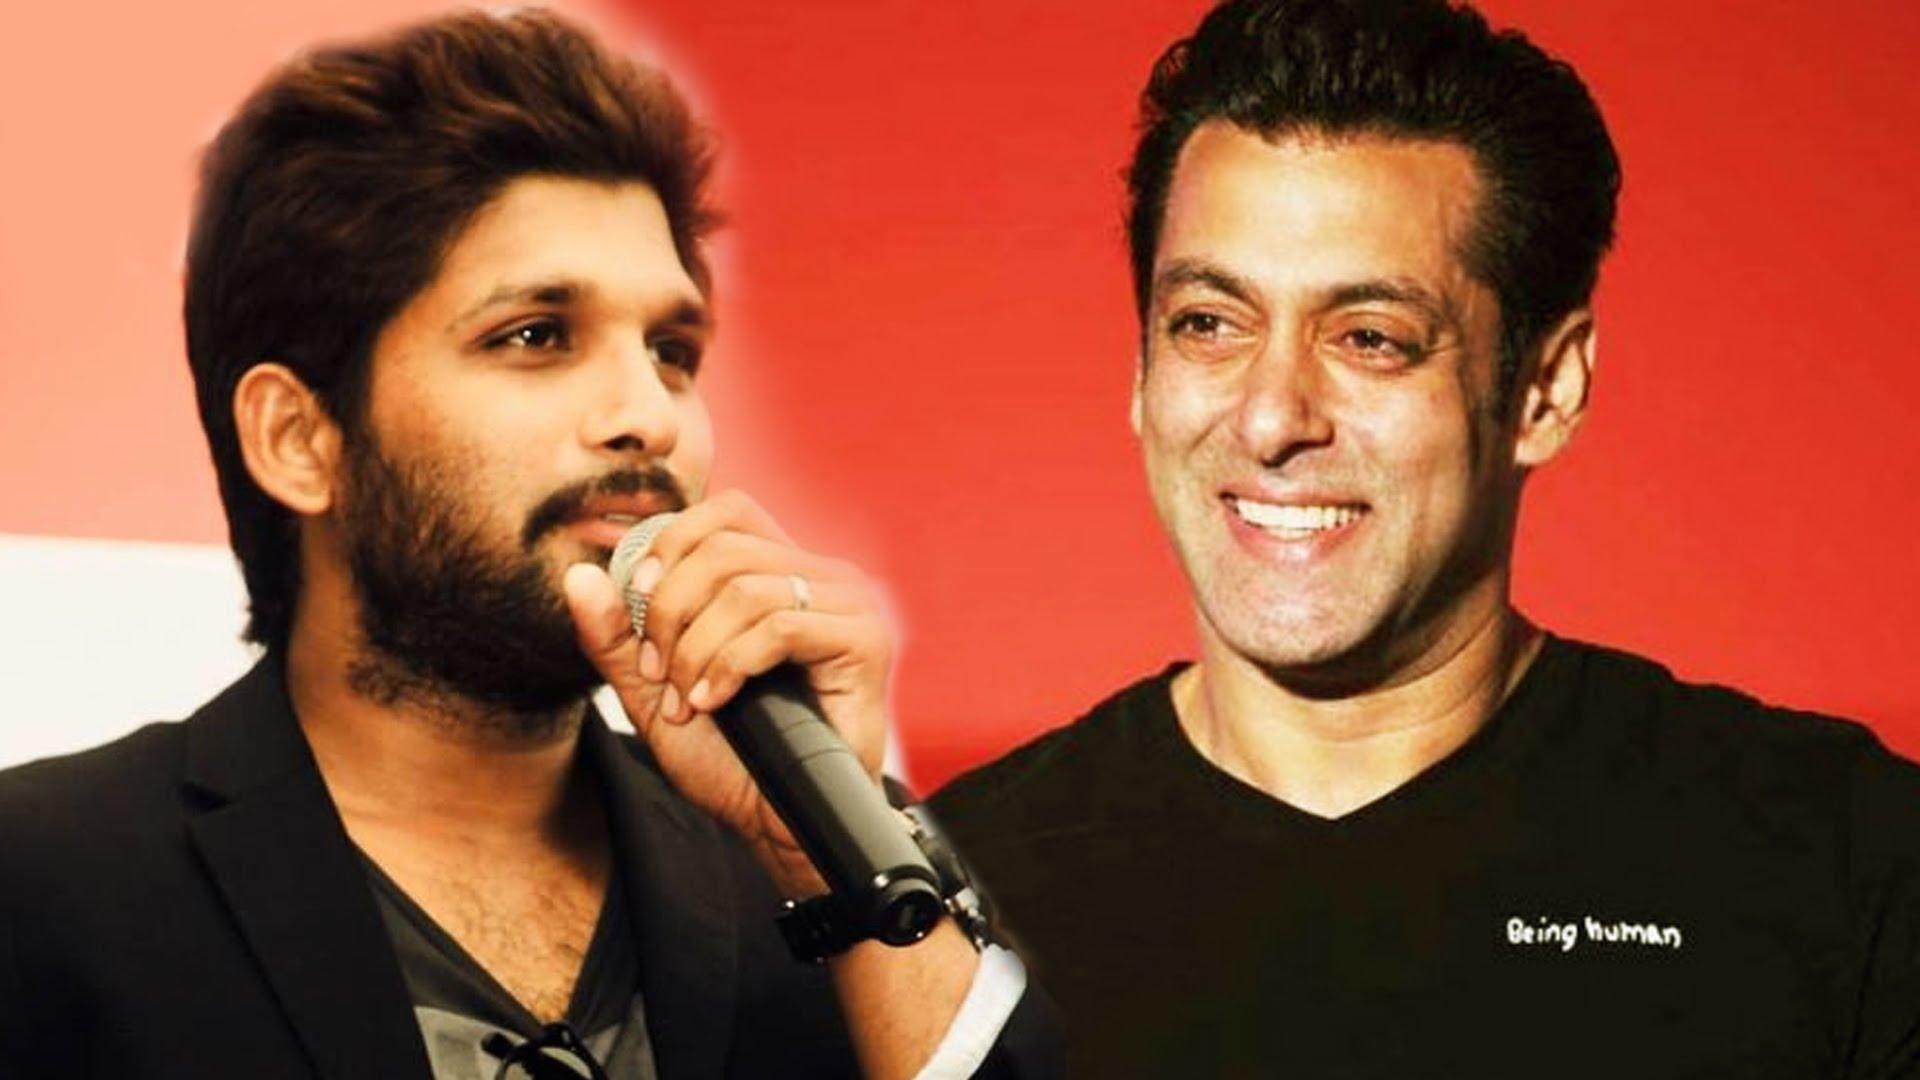 Allu Arjun is ready to take on Salman Khan